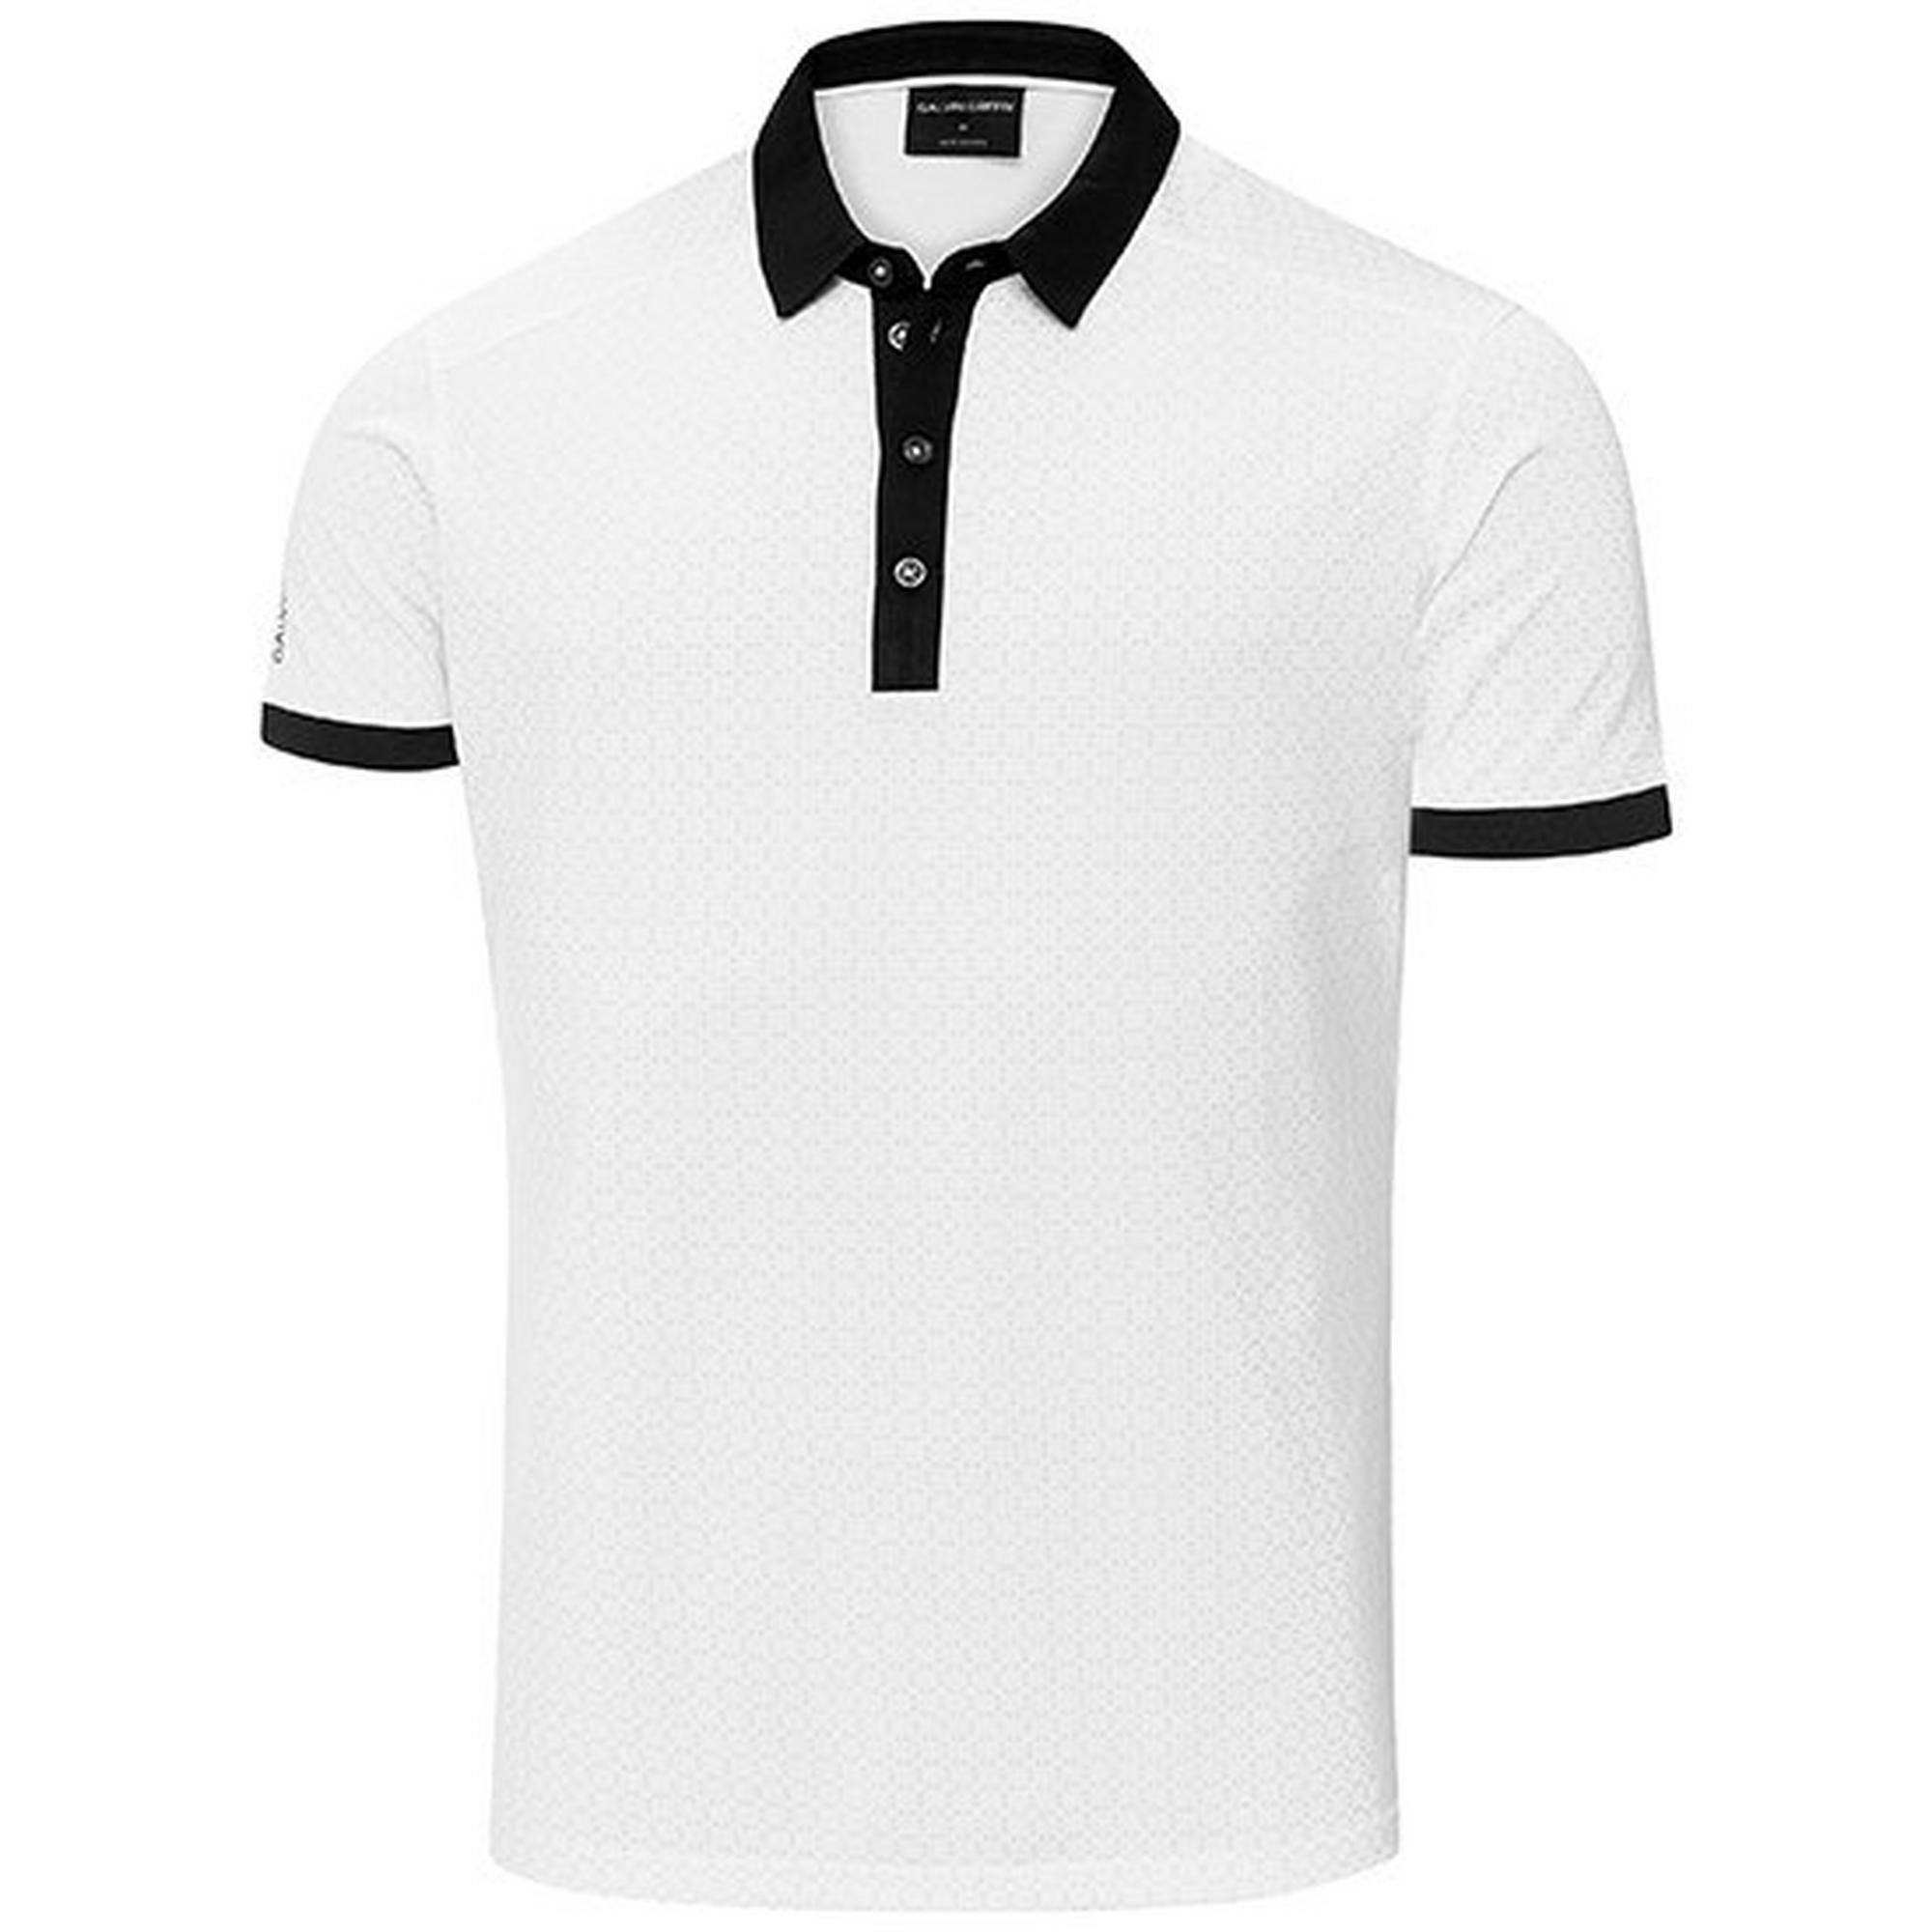 Men's Monte VENTIL8 PLUS Short Sleeve Shirt